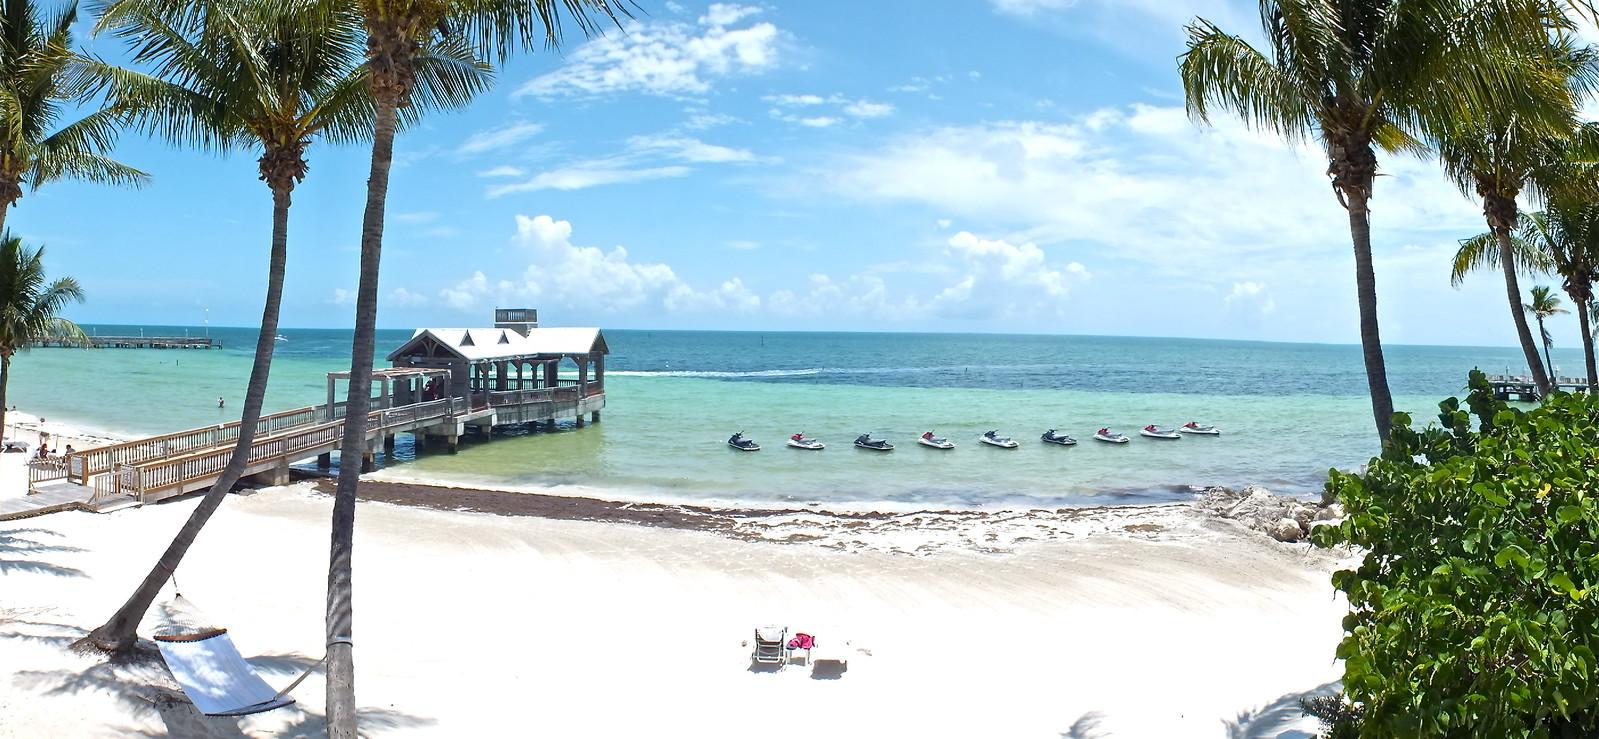 Reach Resort Beach Panorama